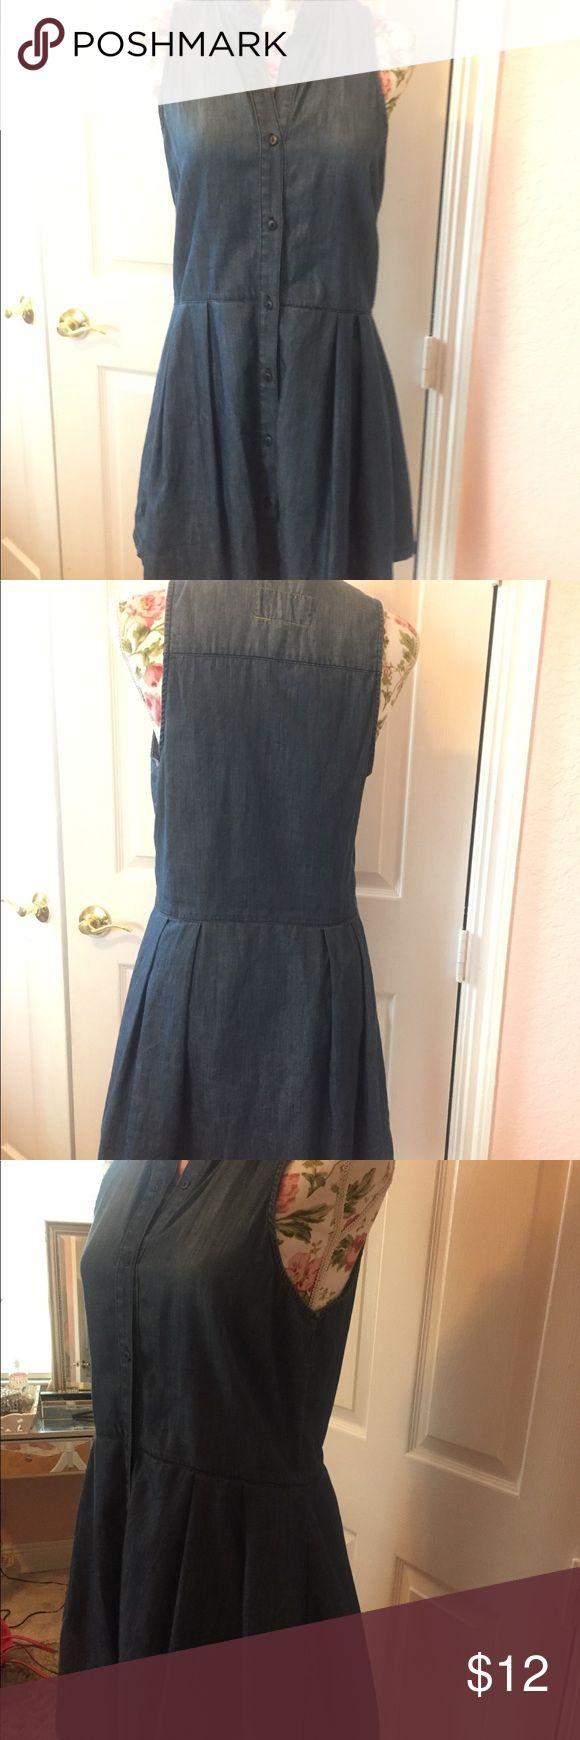 BCBG denim mini dress SMALL Blue jean look button up mini dress no flaws BCBGeneration Dresses Mini